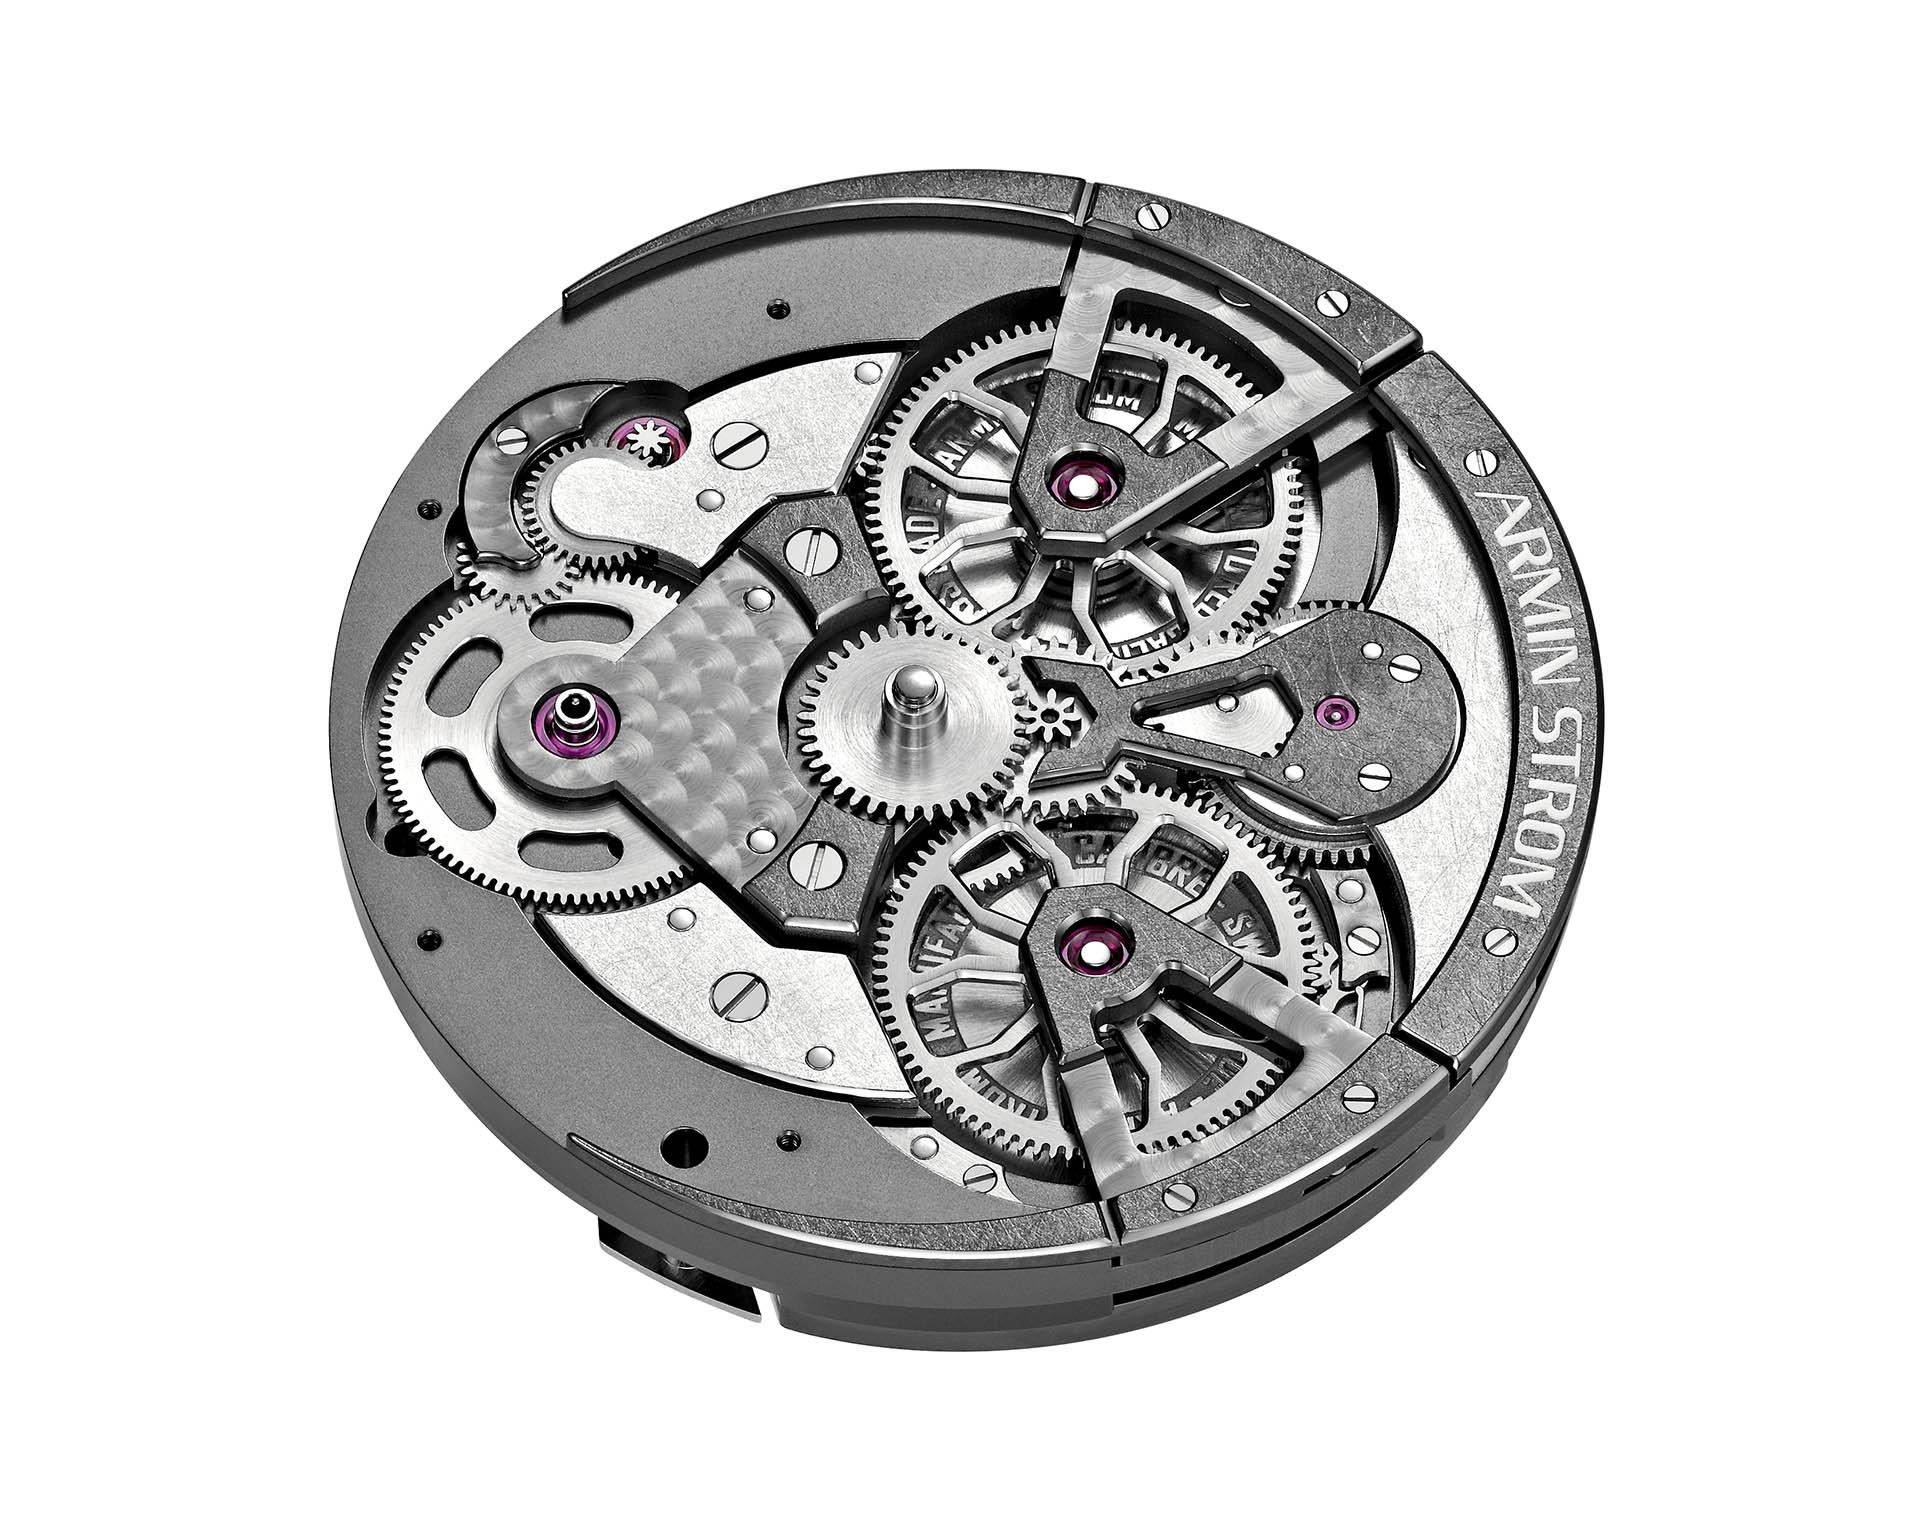 Individualität sogar beim Uhrwerk: hier das Handaufzugskaliber ARM16, das in der Edge Double Barrel arbeitet.